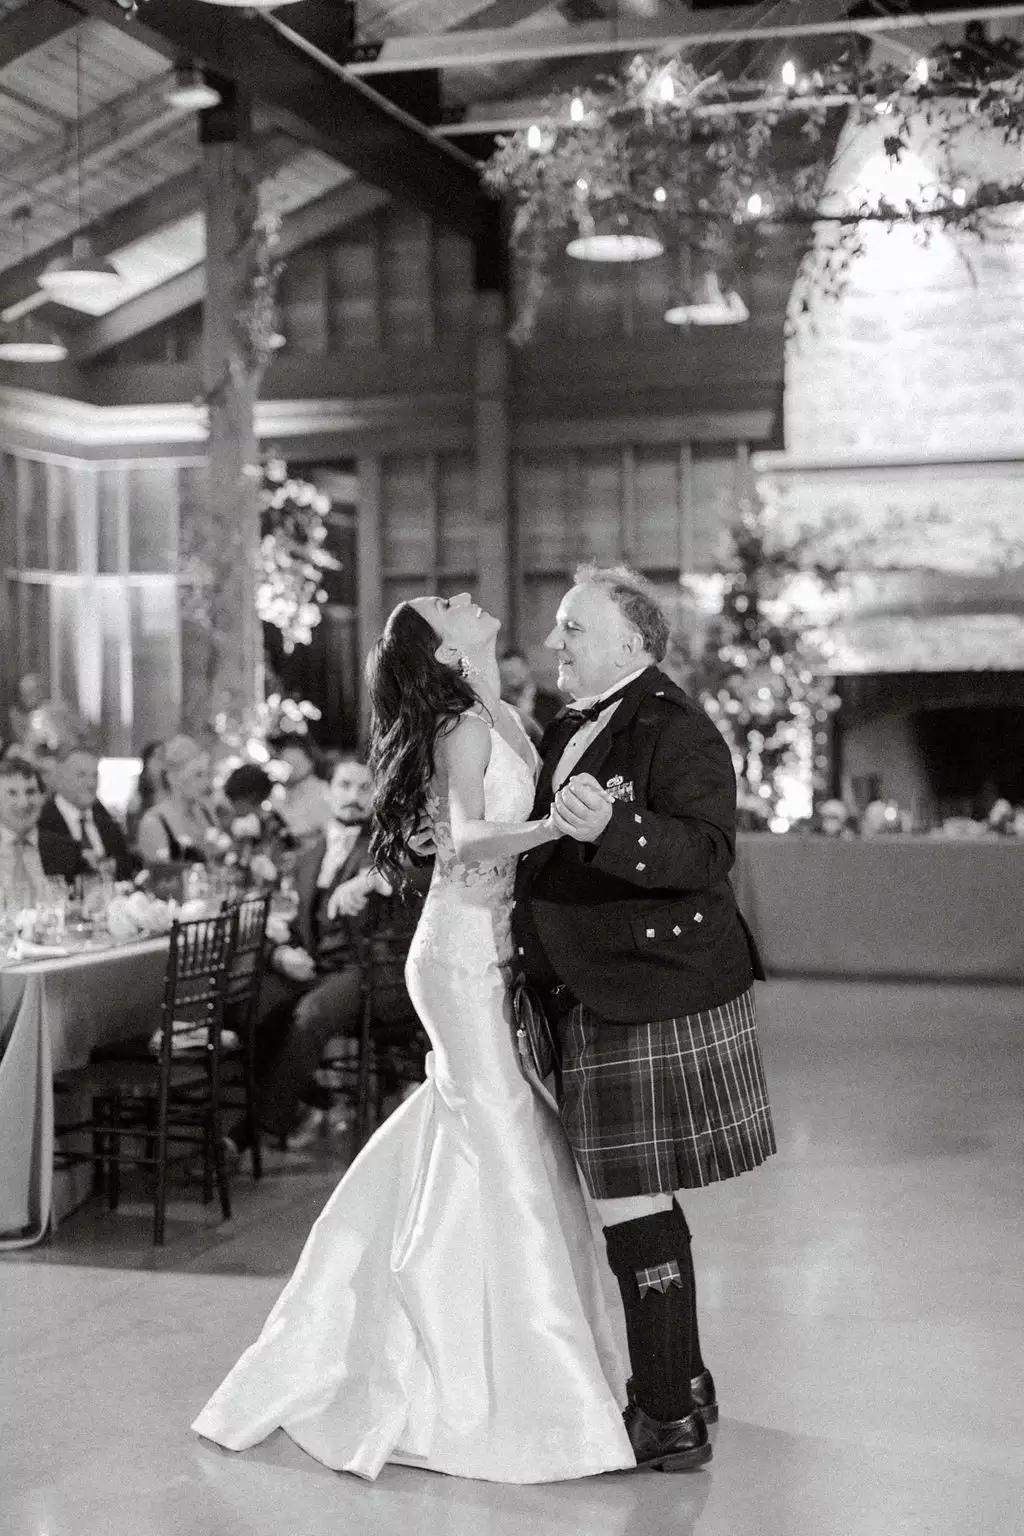 3rPAn8bpXCk - Как найти веселого ведущего на свою свадьбу